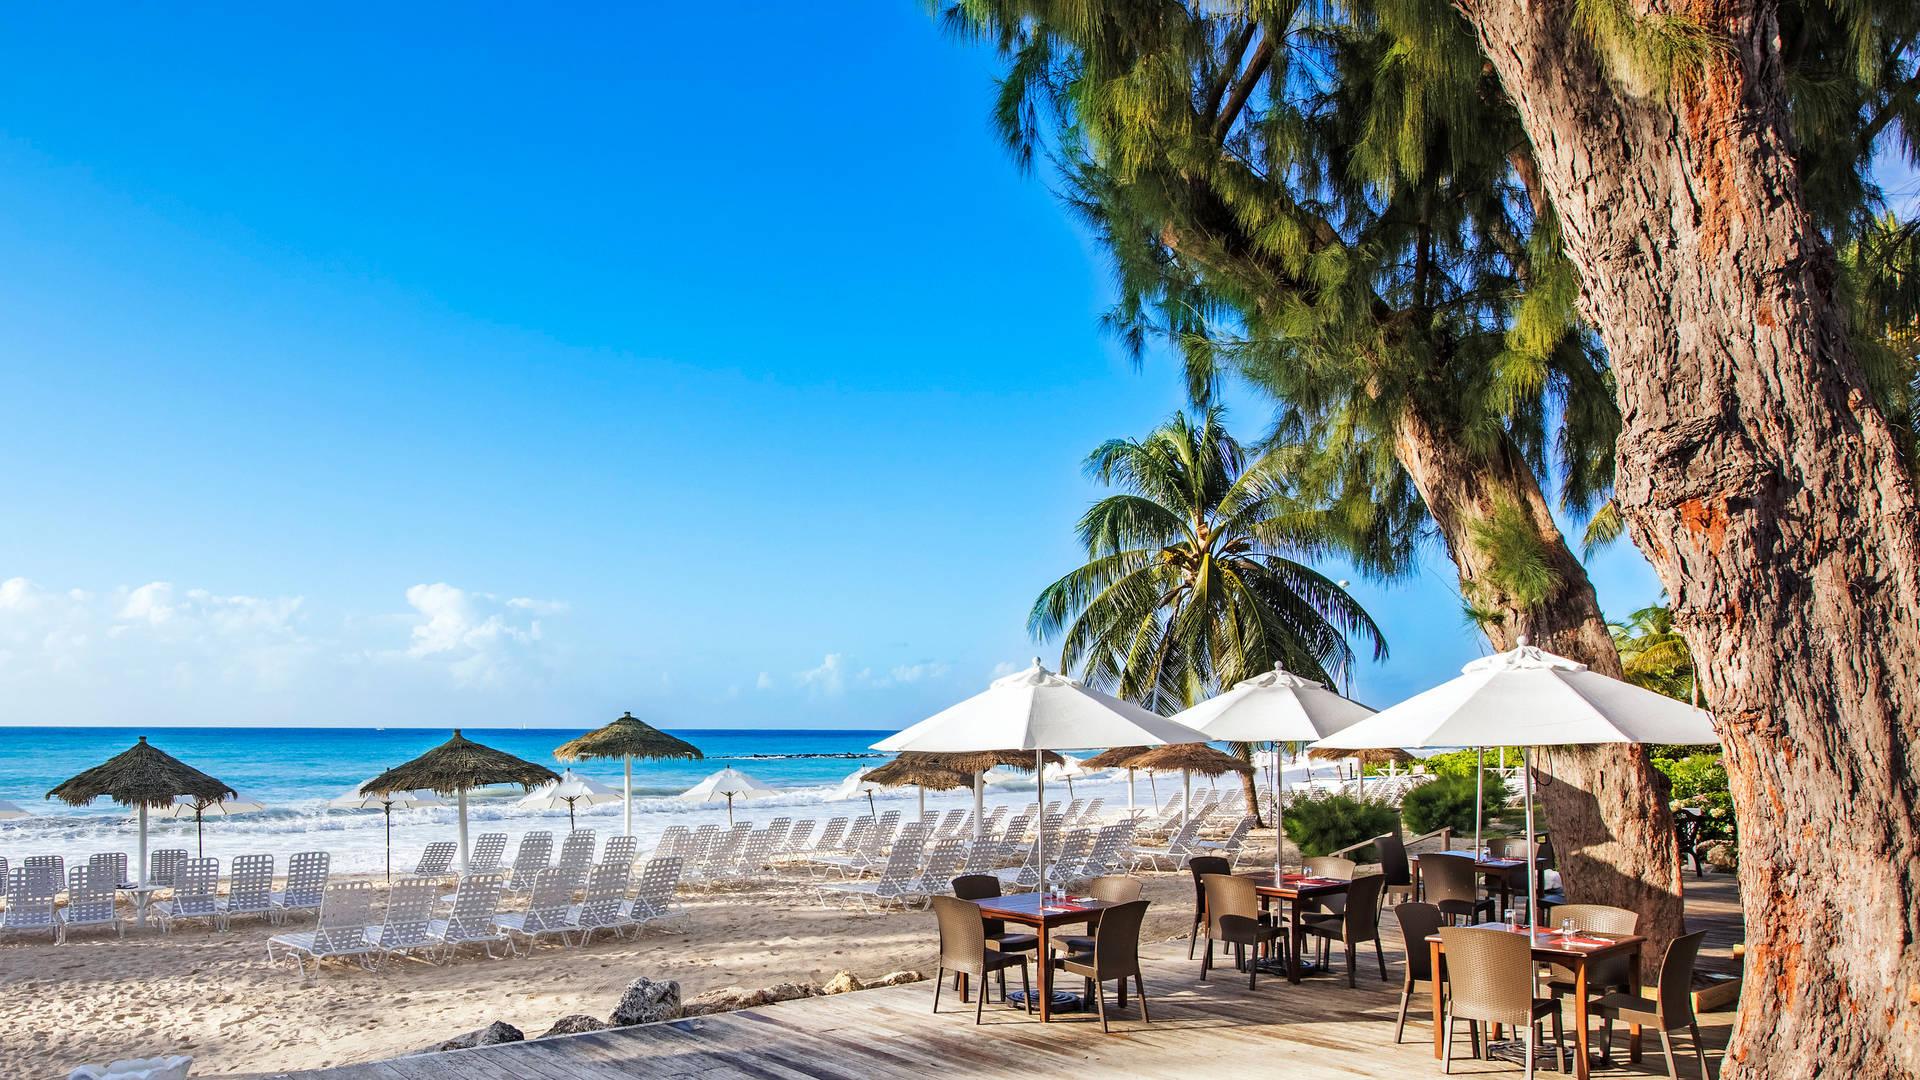 calabash-beach-exterior-dining_0.jpg